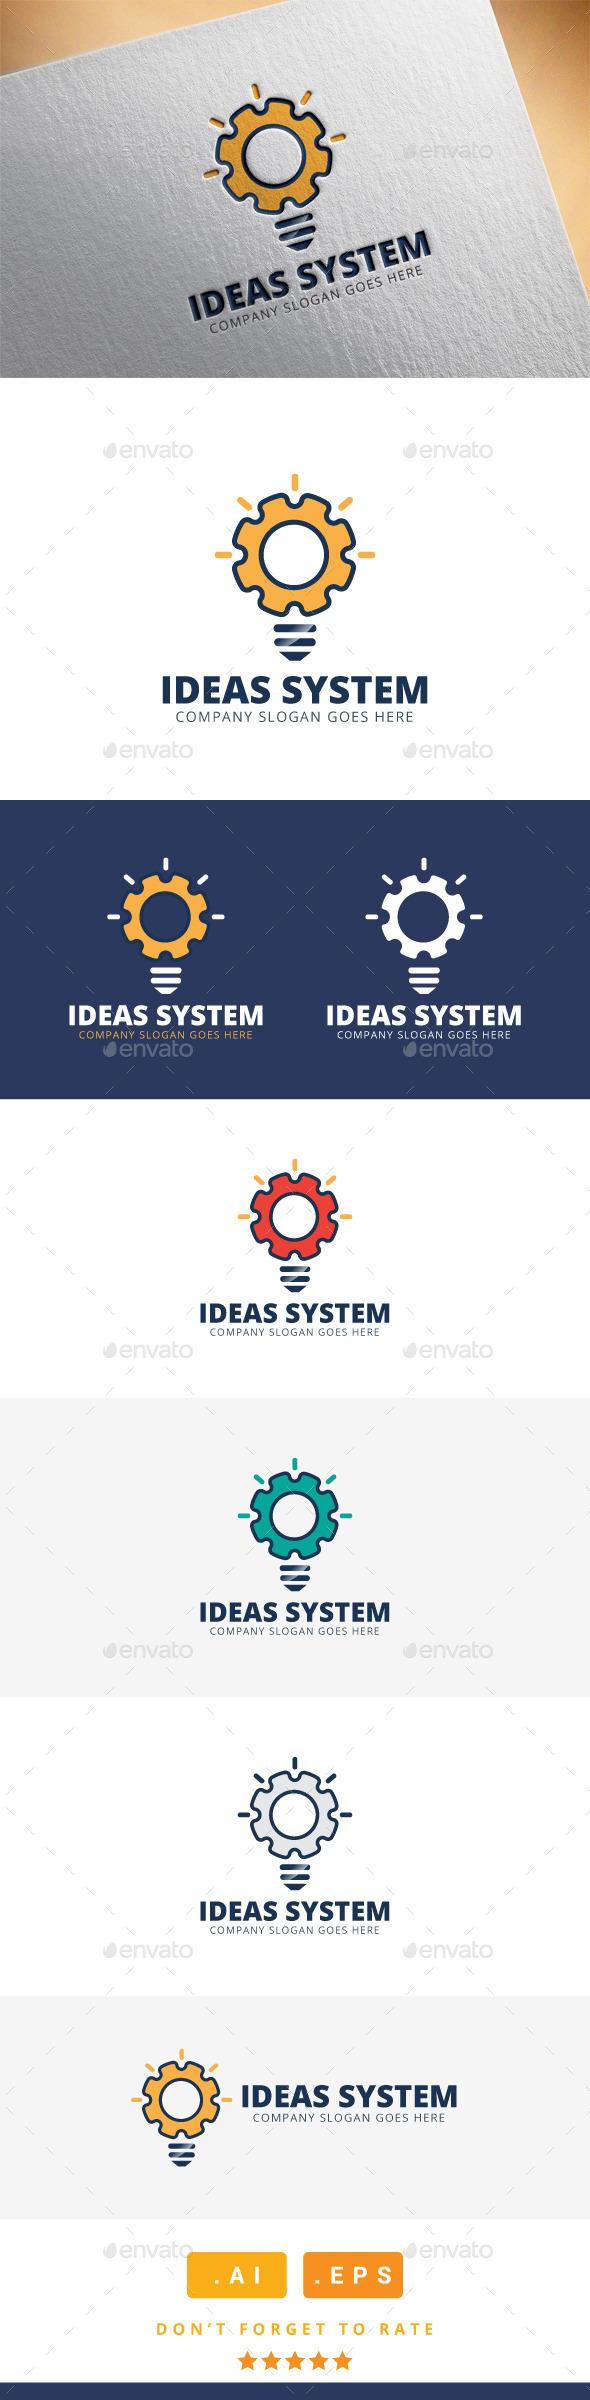 GraphicRiver Ideas System Logo 11559229